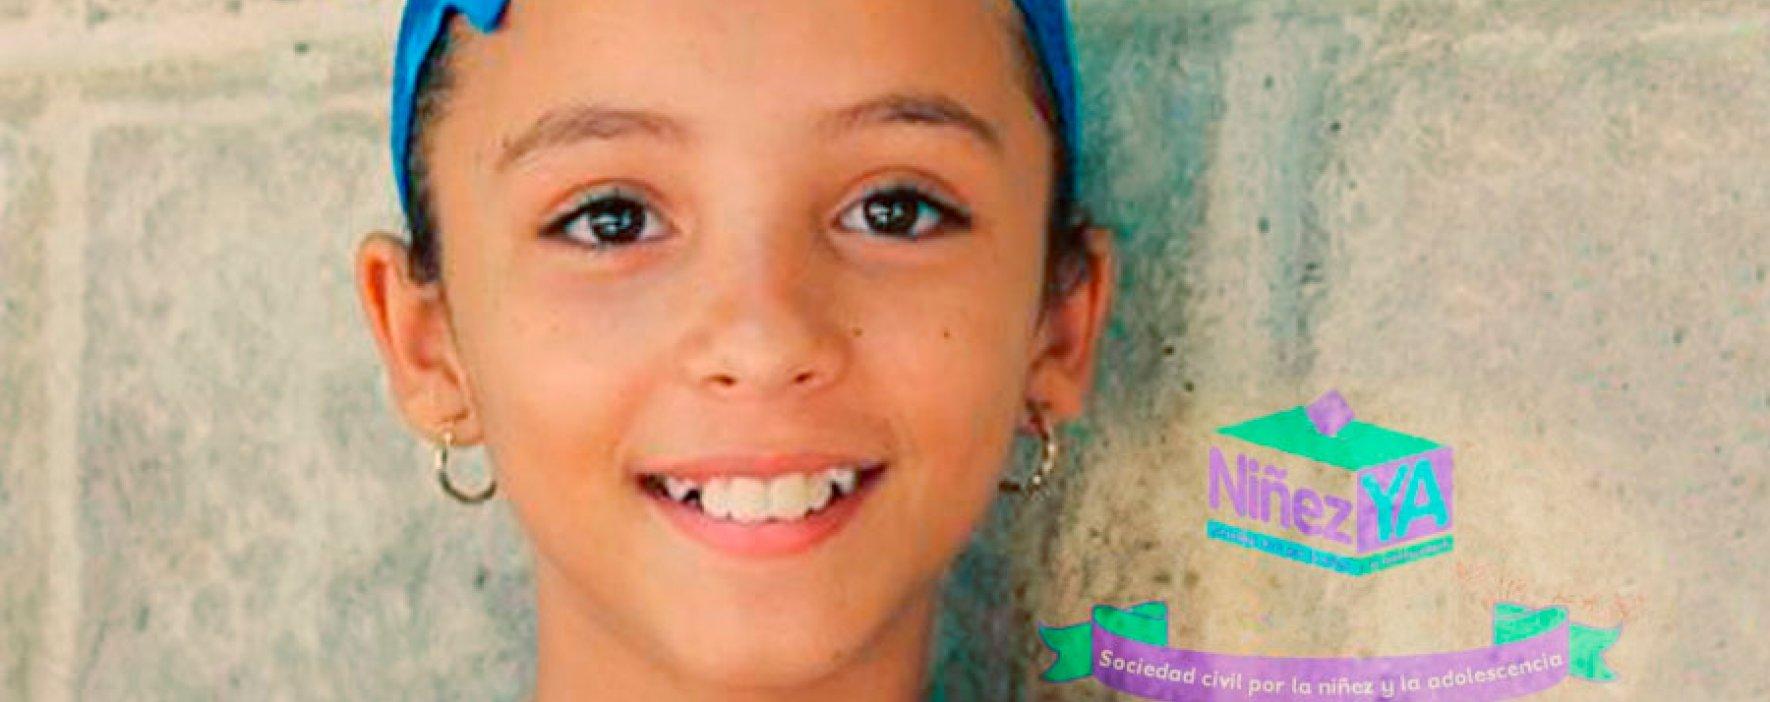 NiñezYA, iniciativa para reflexionar sobre la situación de la niñez en Colombia